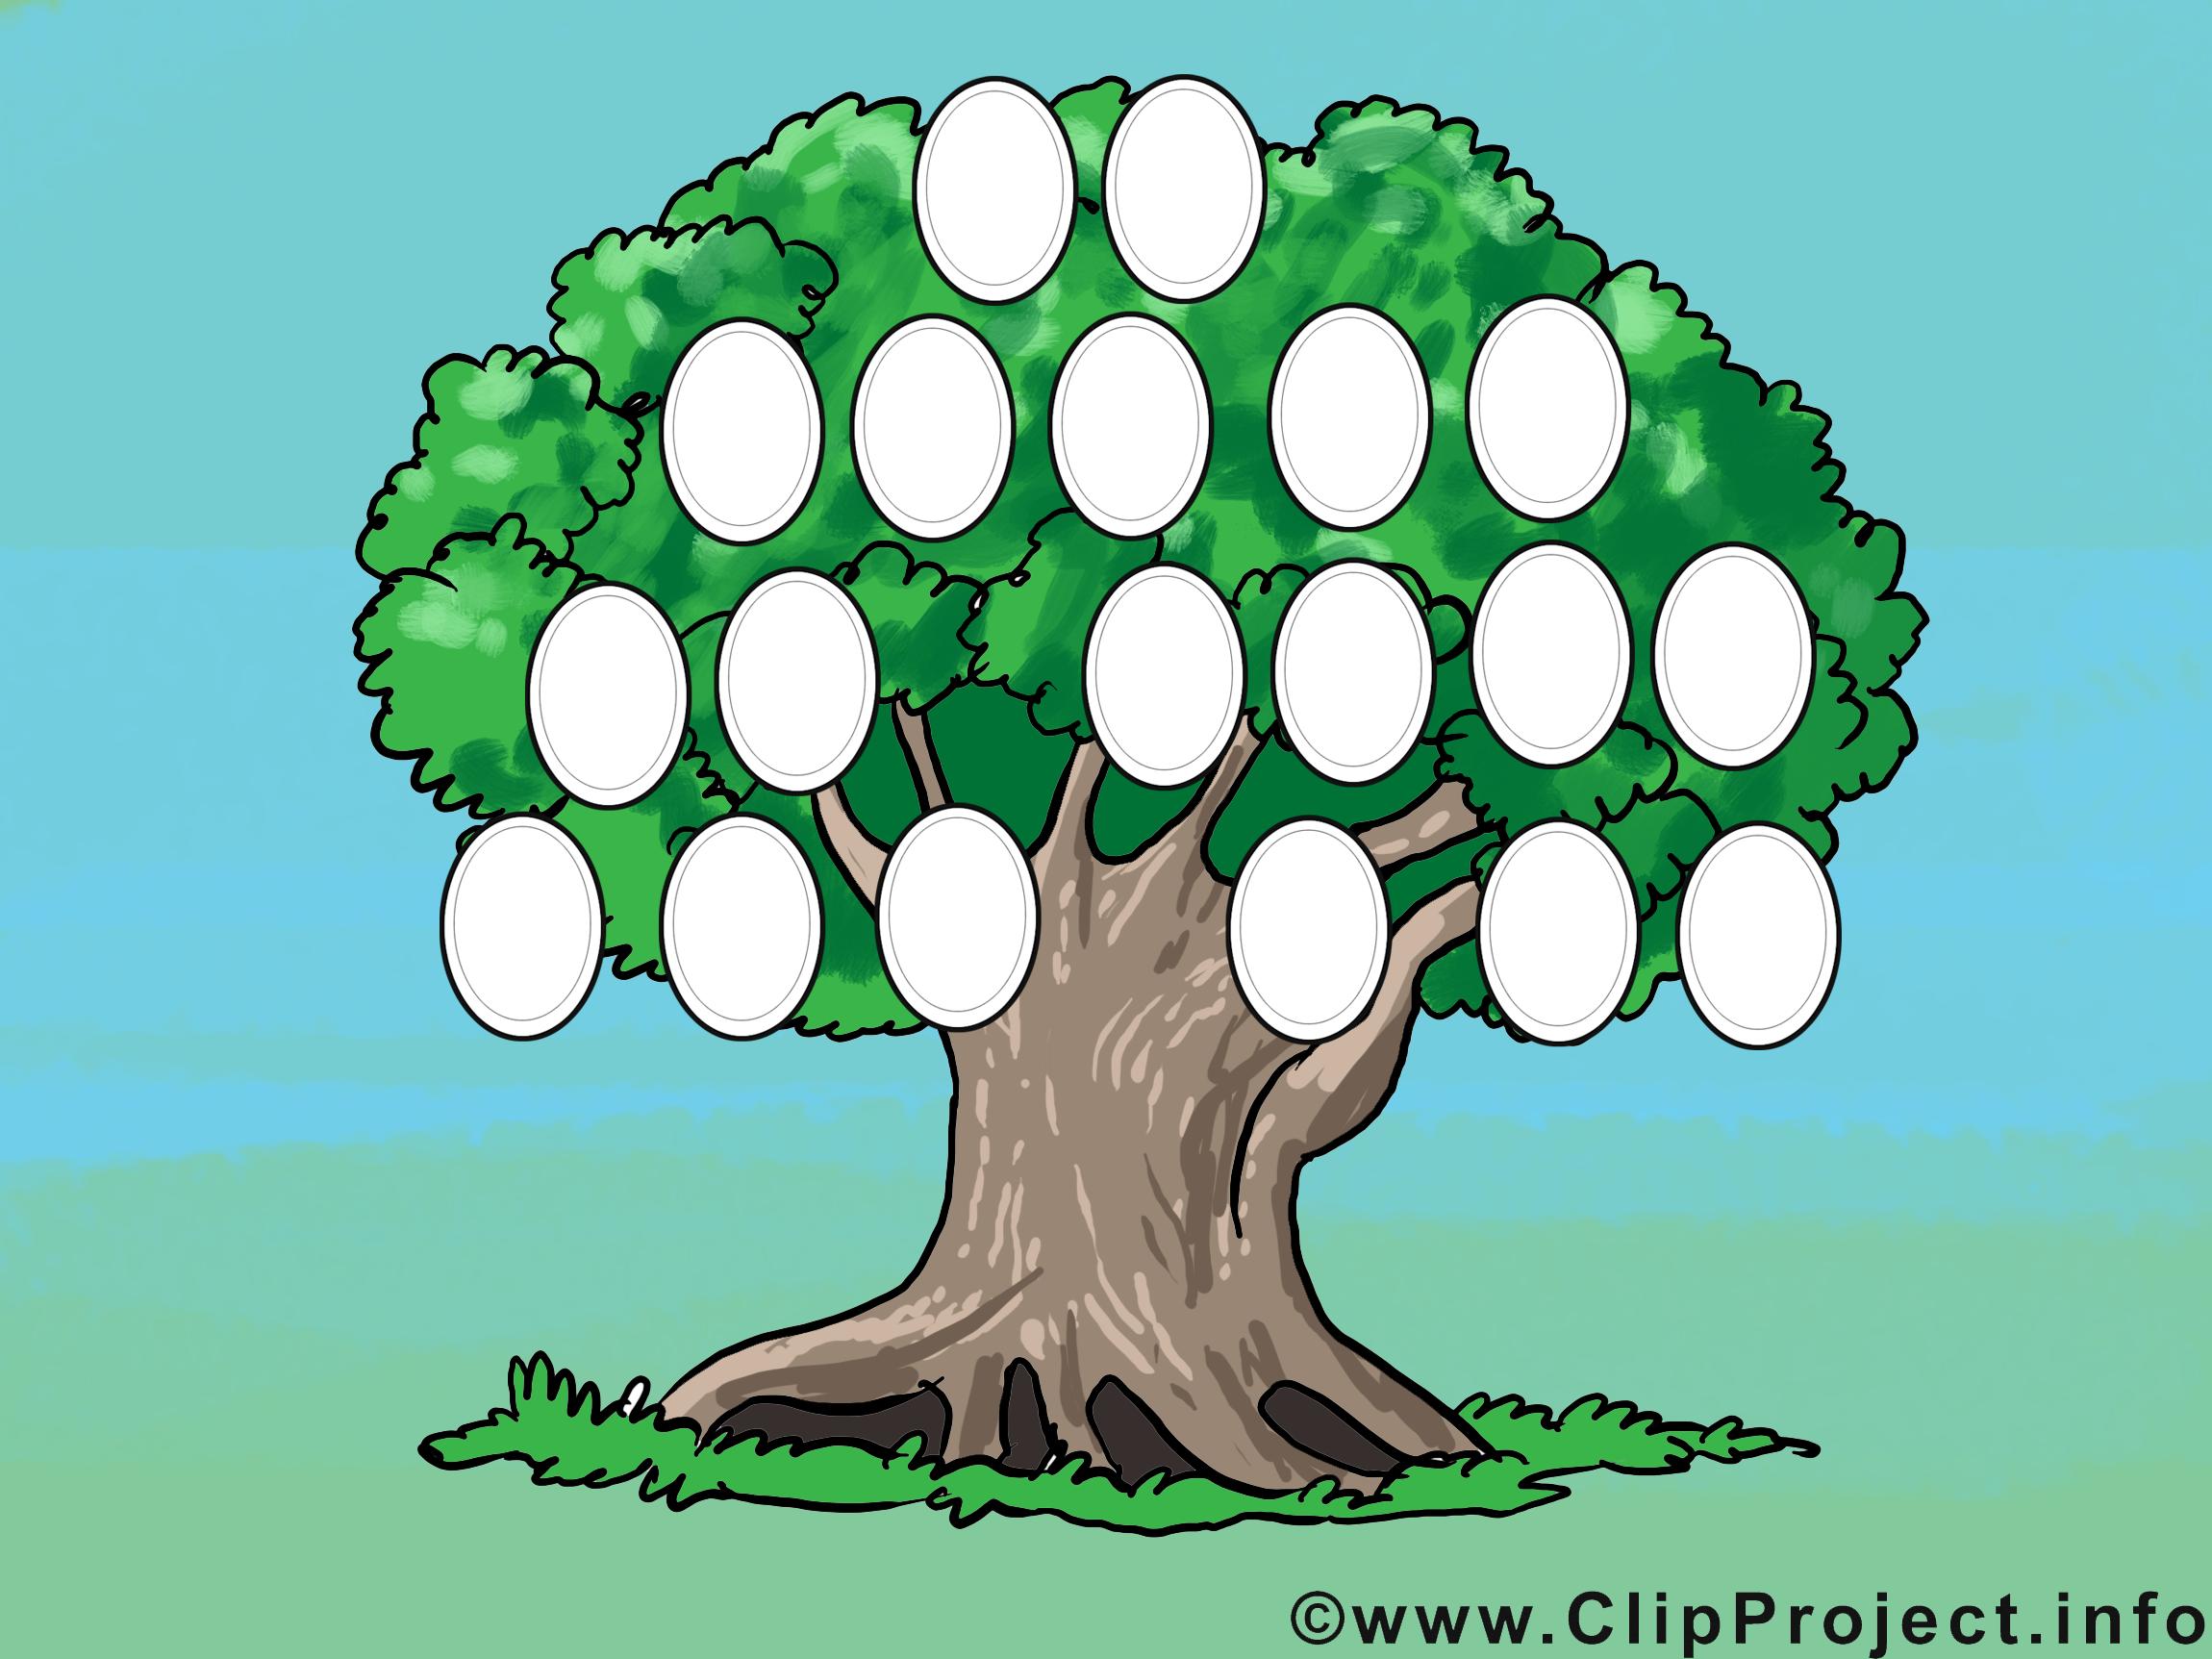 Stammbaum vorlage - Bilder zum verschicken gratis ...